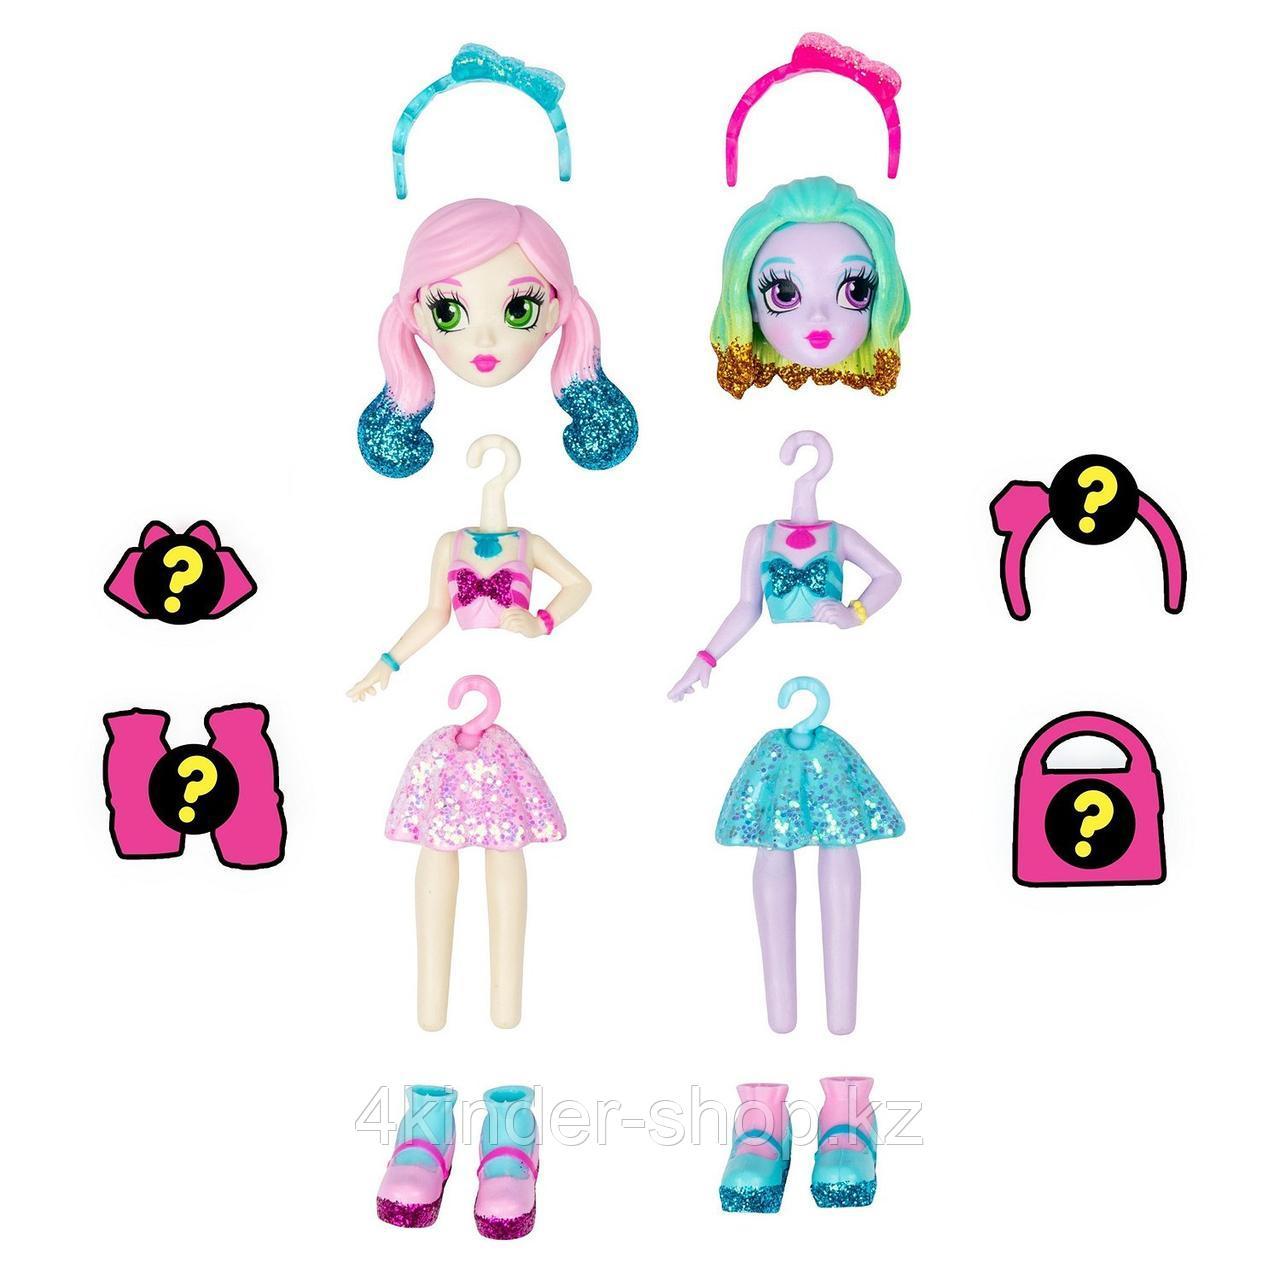 Набор мини-кукол Off the Hook Spring Dance - фото 1